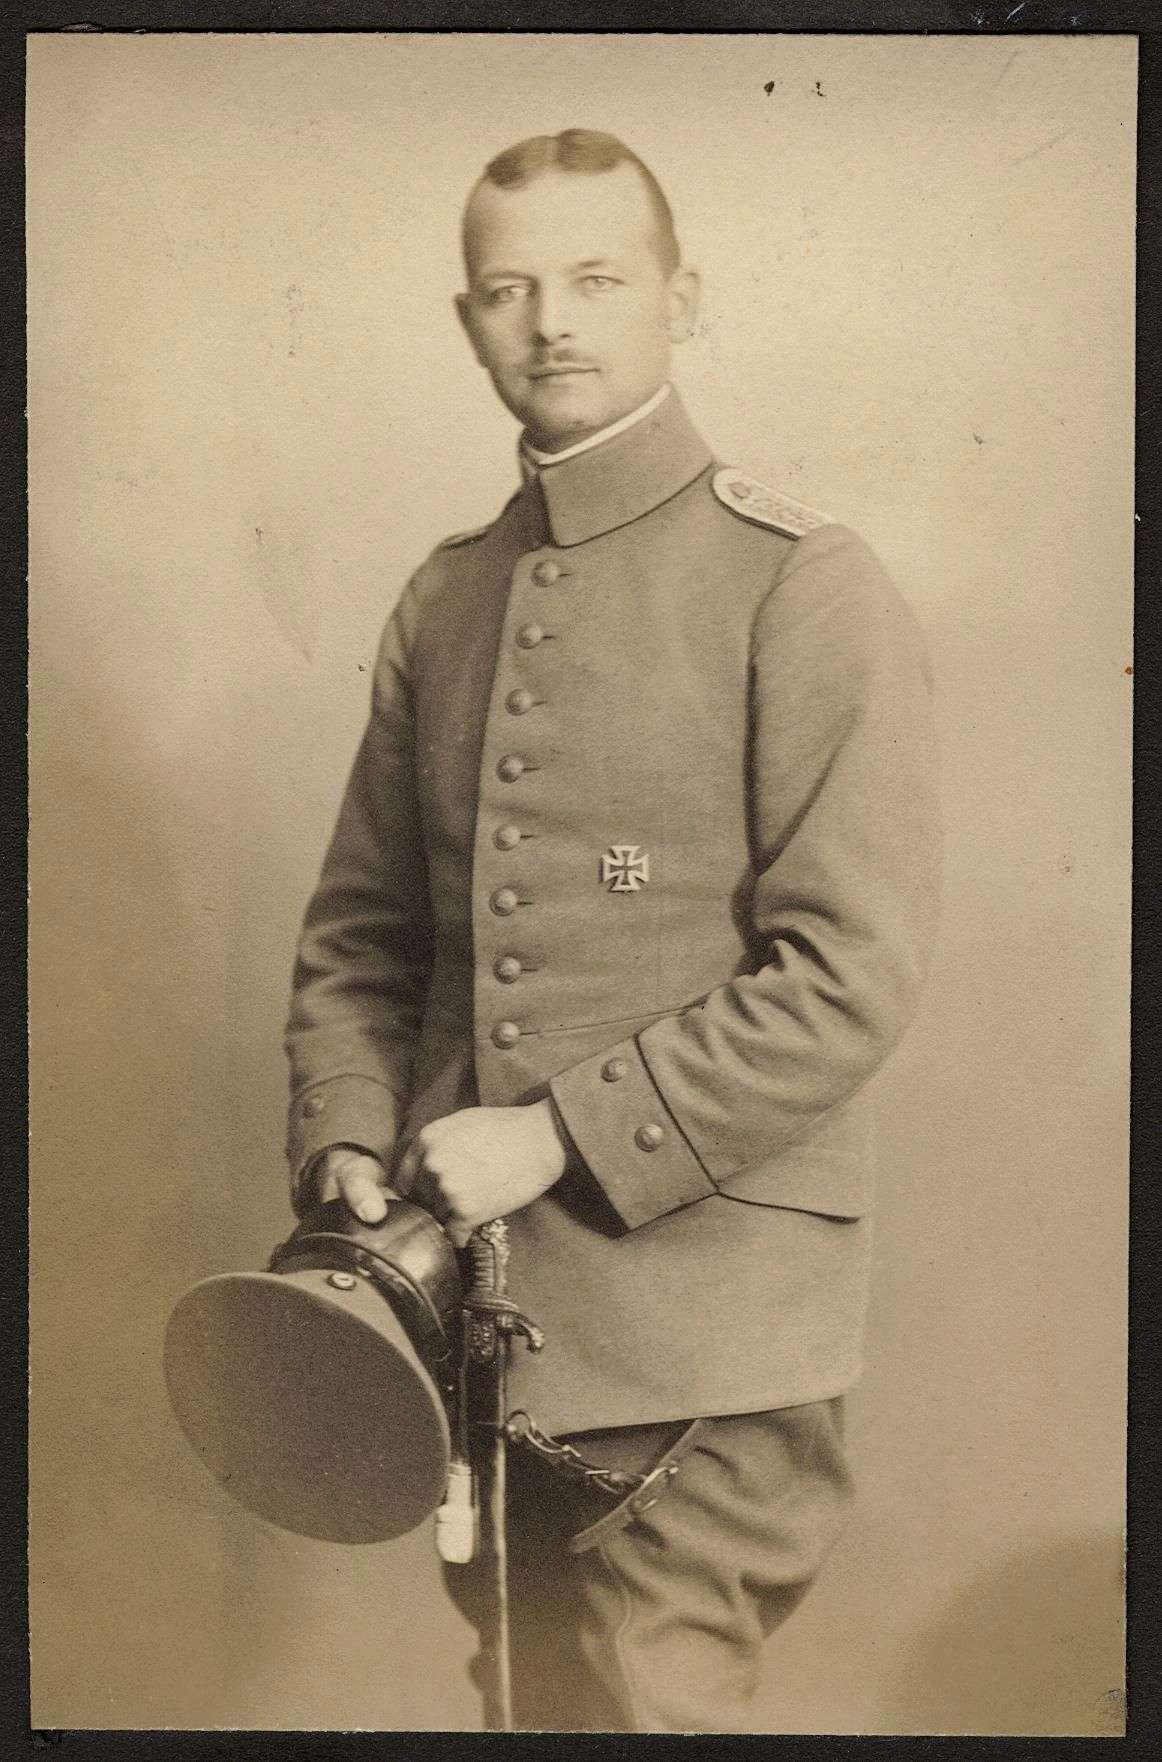 Dinkelacker, Max, Bild 1